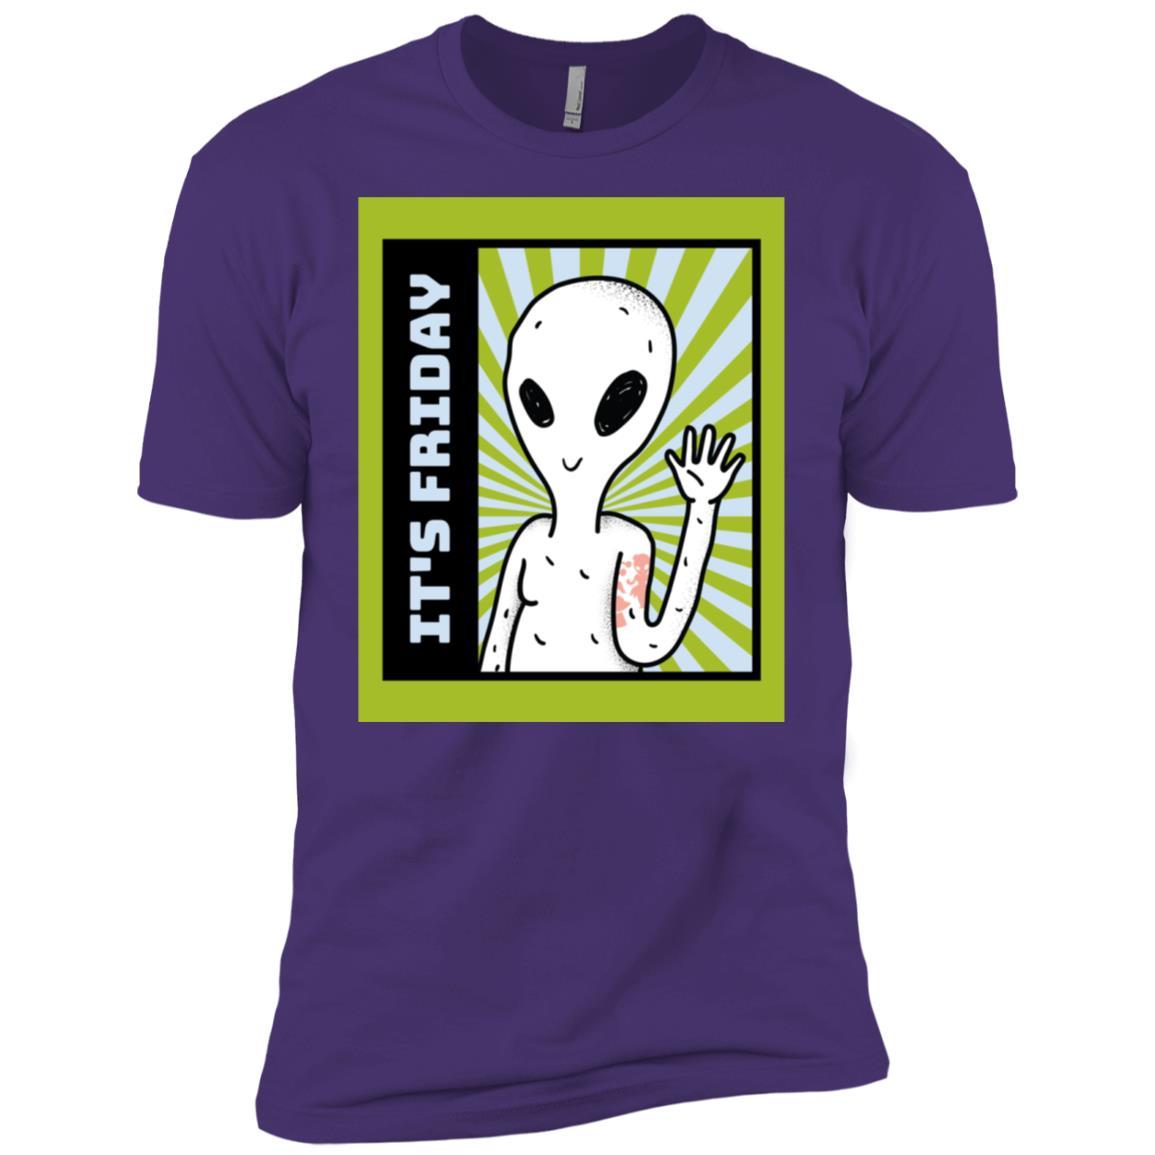 Funny It's Friday Green Alien gift idea Men Short Sleeve T-Shirt